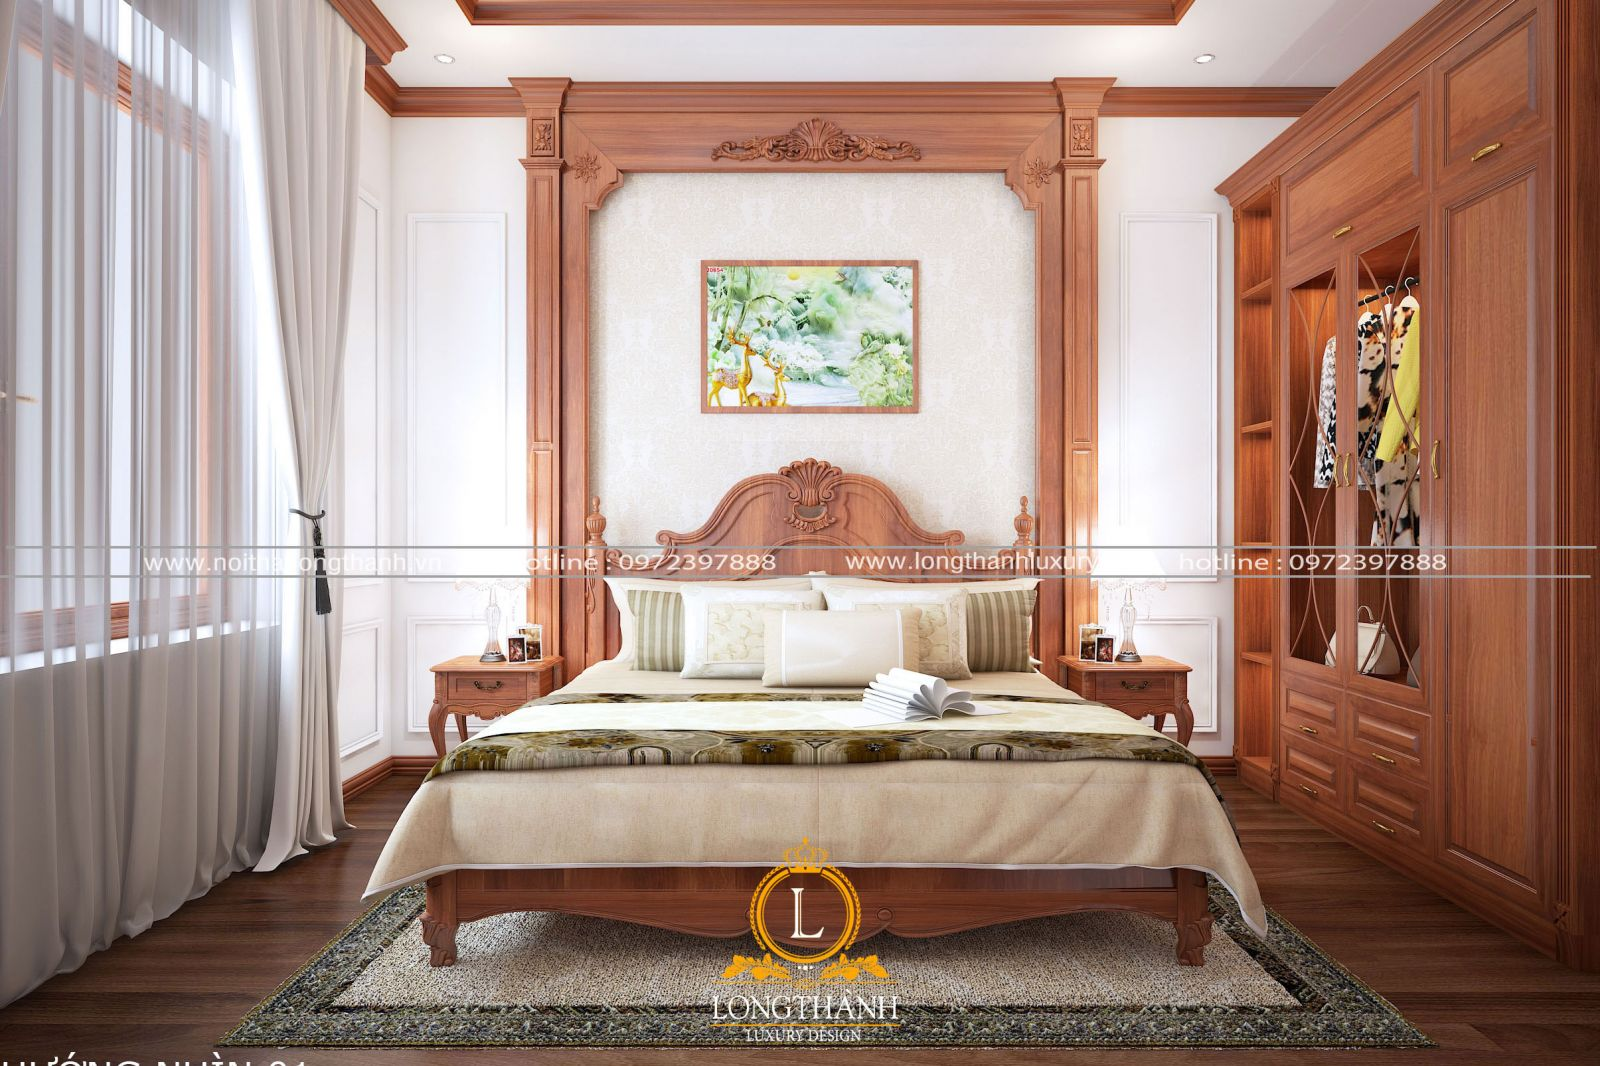 Phòng ngủ tân cổ điển với màu sắc nhẹ nhàng